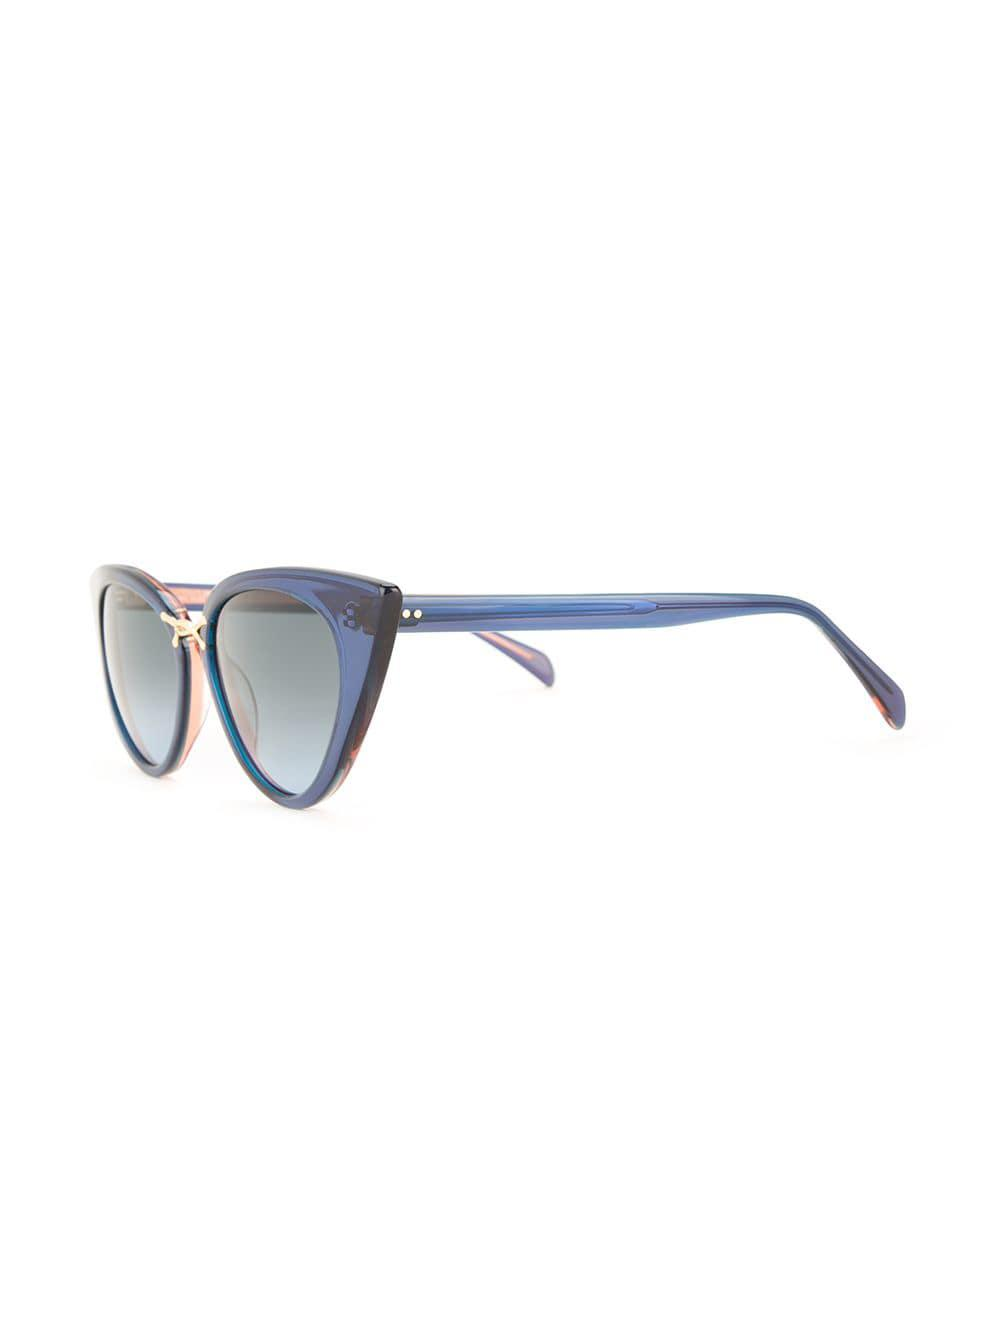 6ca1dae489 Oscar De La Renta Oversized Cat Eye Sunglasses in Blue - Lyst